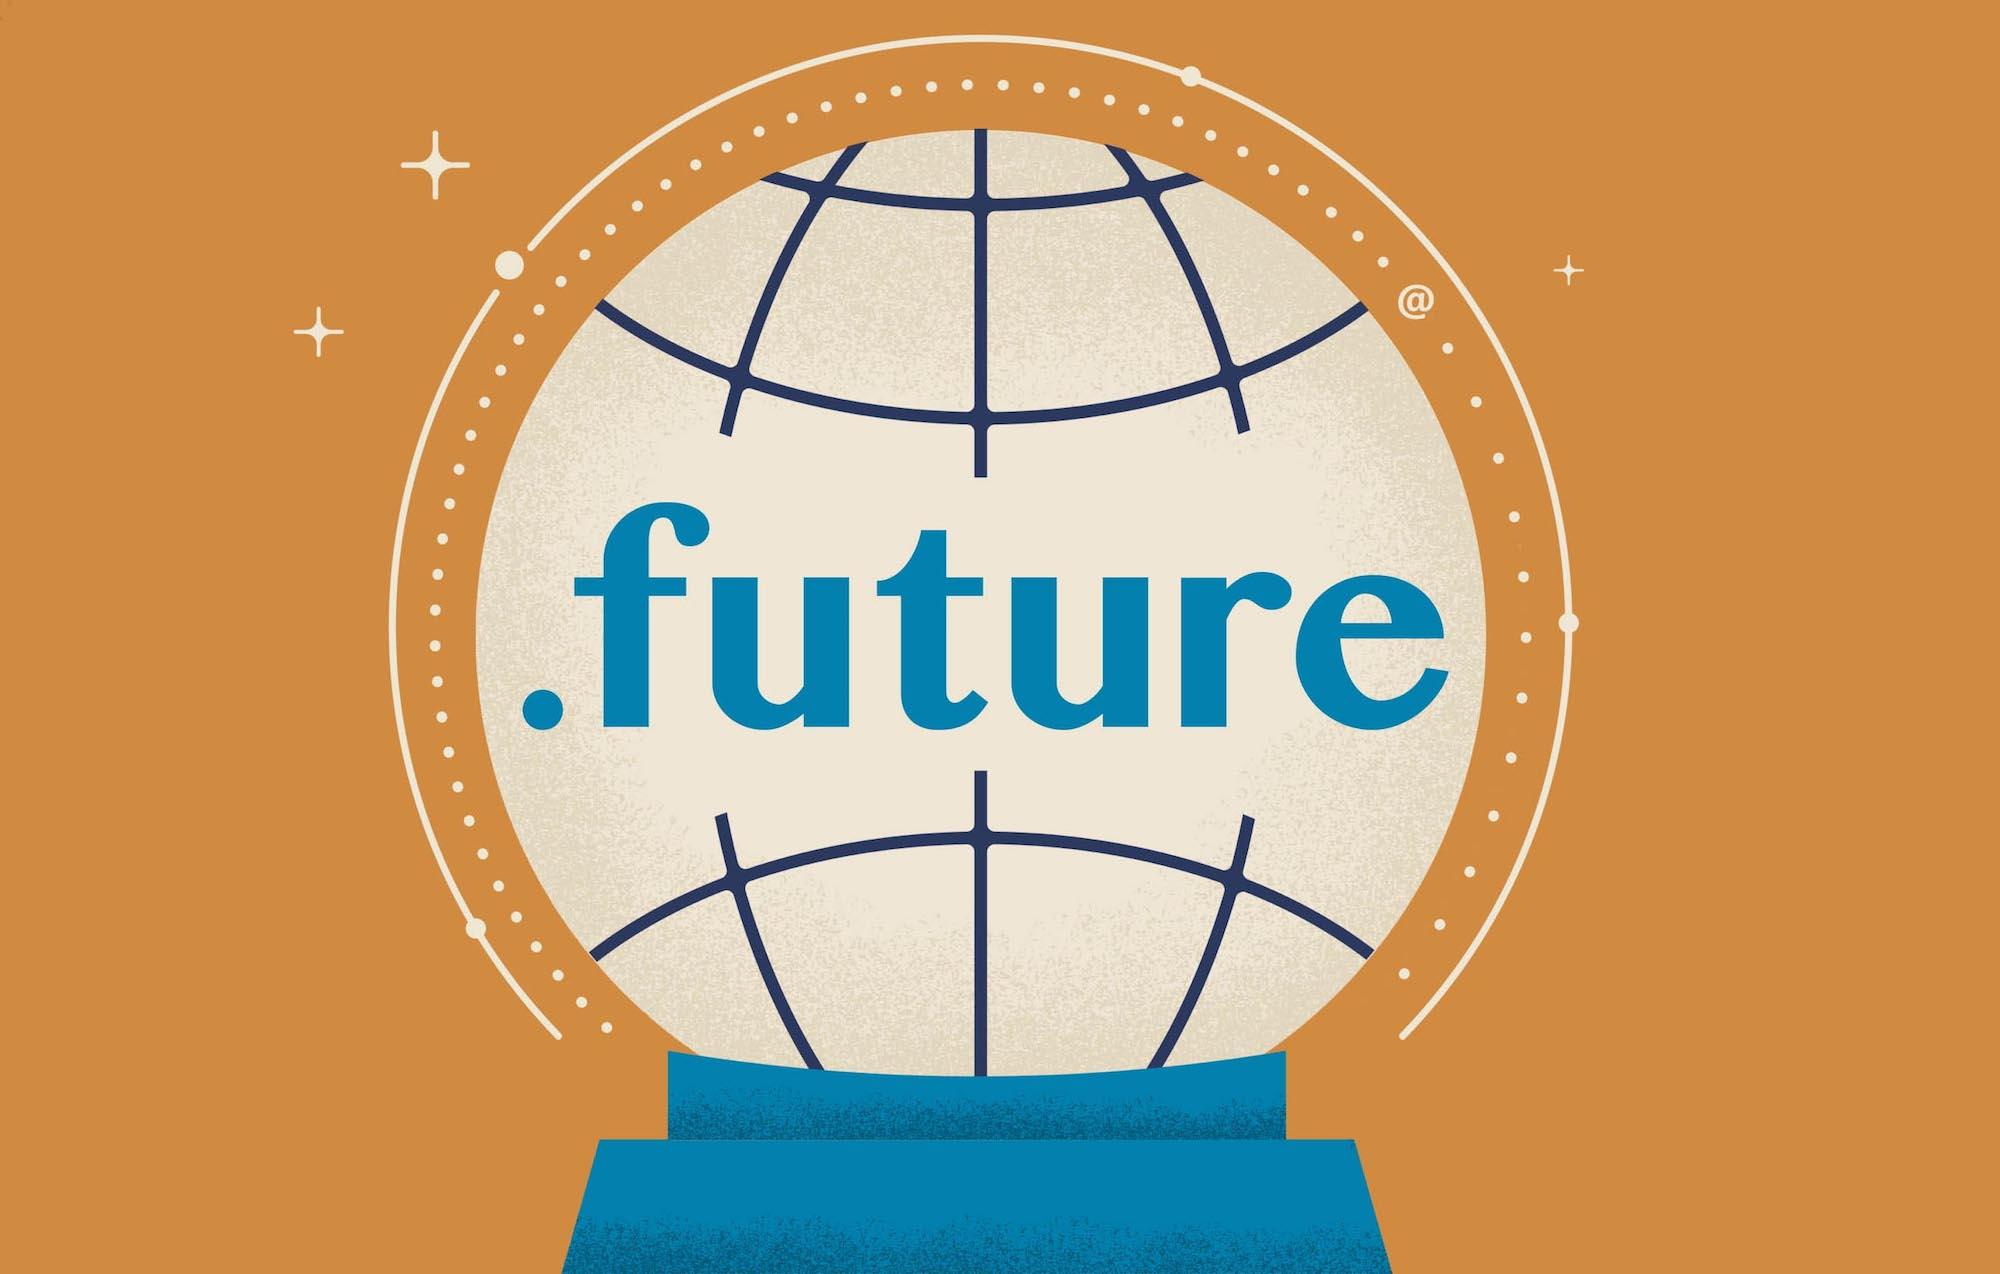 微软未来生产力愿景:智能地面和Cortana